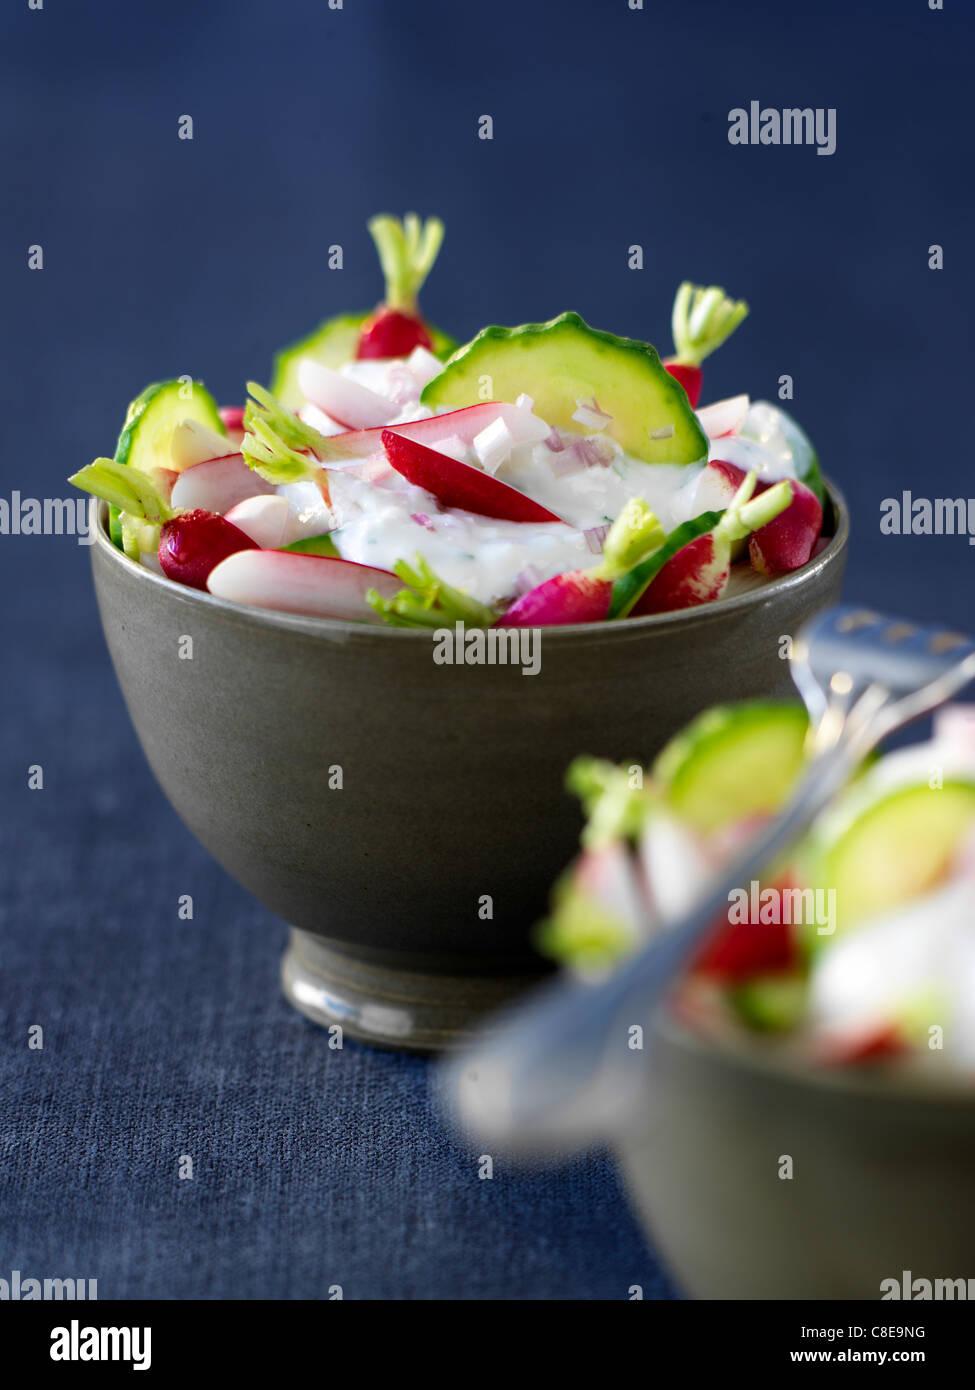 Knackigen Salat Stockfoto